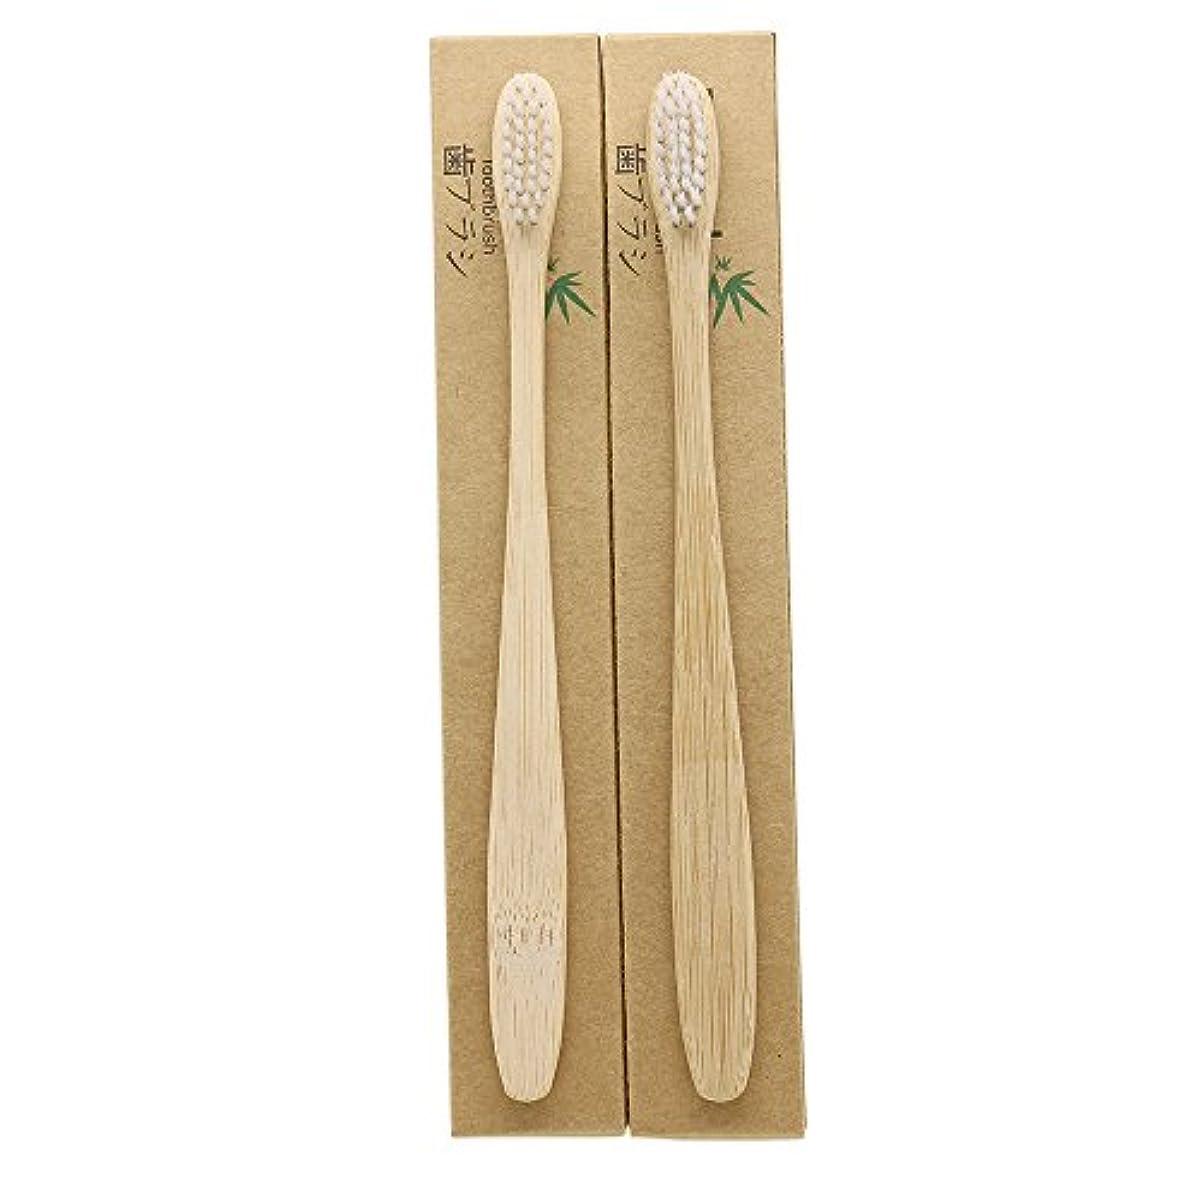 お酒受取人ロールN-amboo 竹製耐久度高い 歯ブラシ 2本入り セット エコ ヘッド小さい 白い